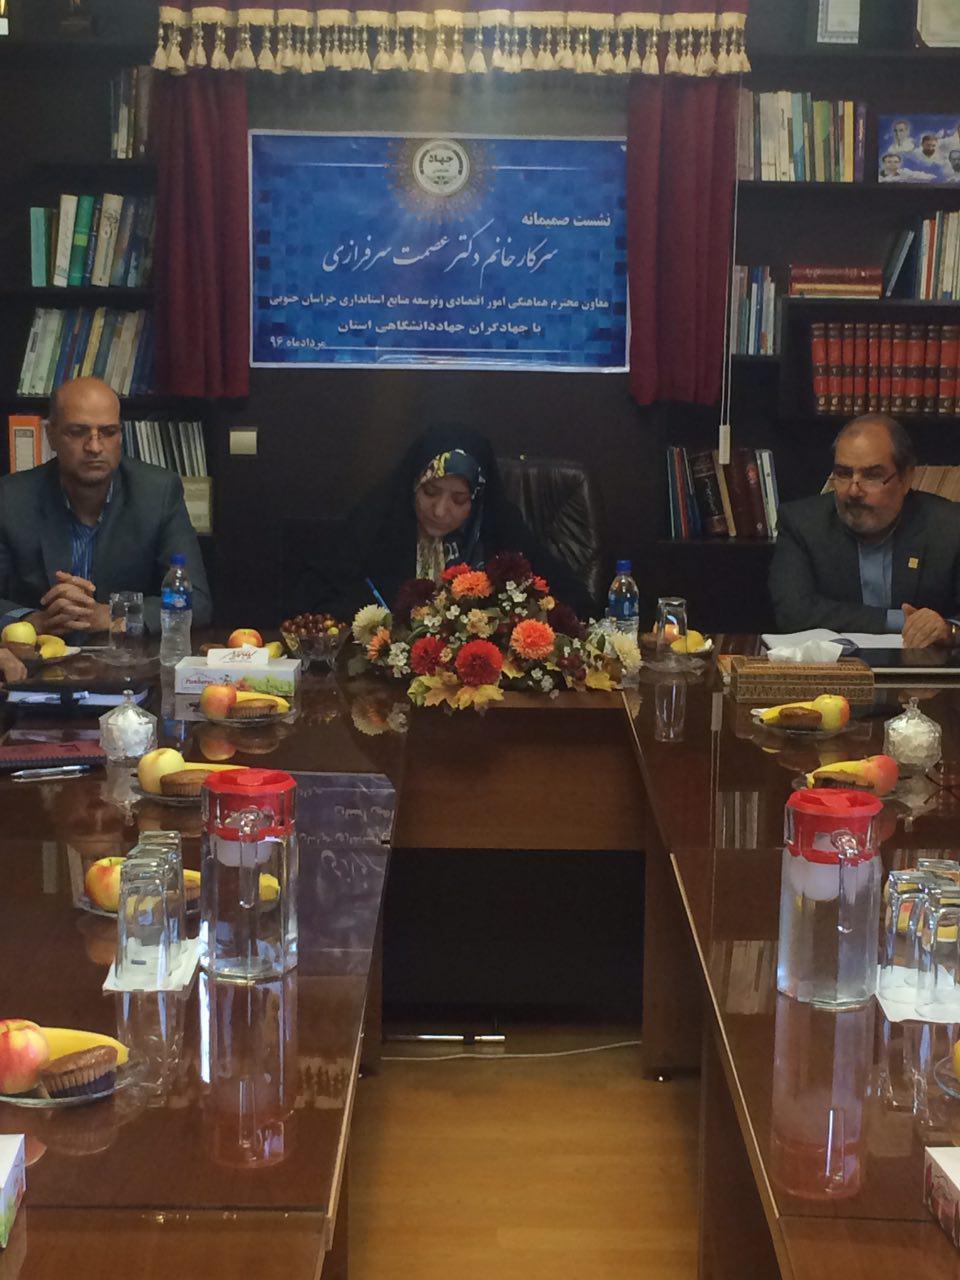 معاون استاندار از جهاد دانشگاهي استان بازديد كرد.